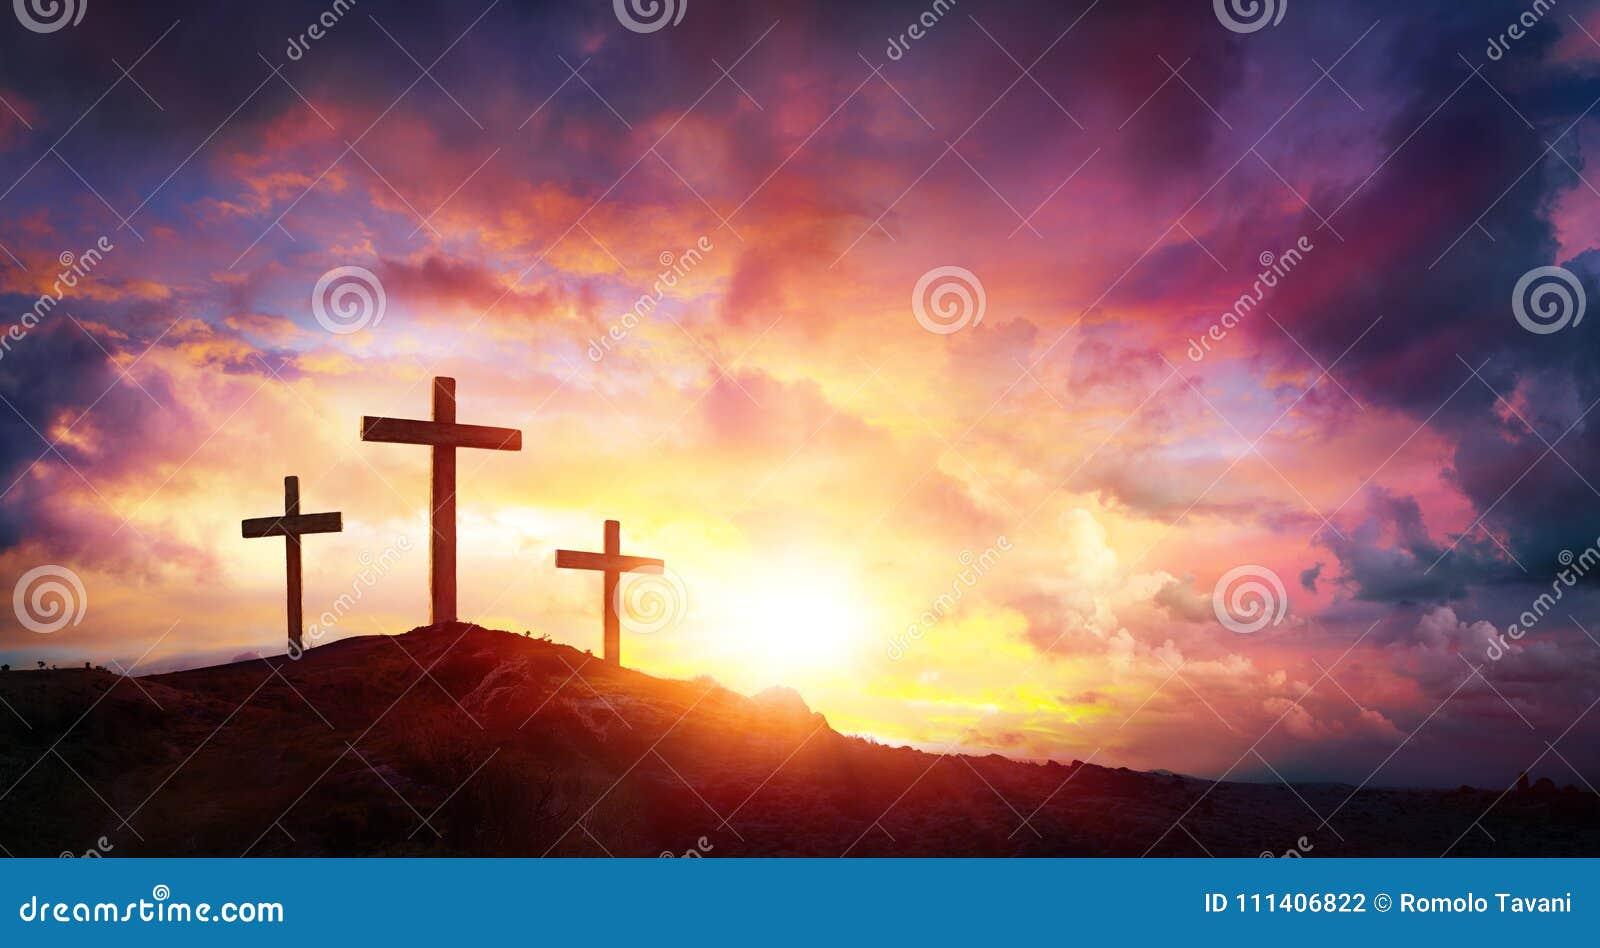 耶稣基督在十字架上钉死日出的-三个十字架